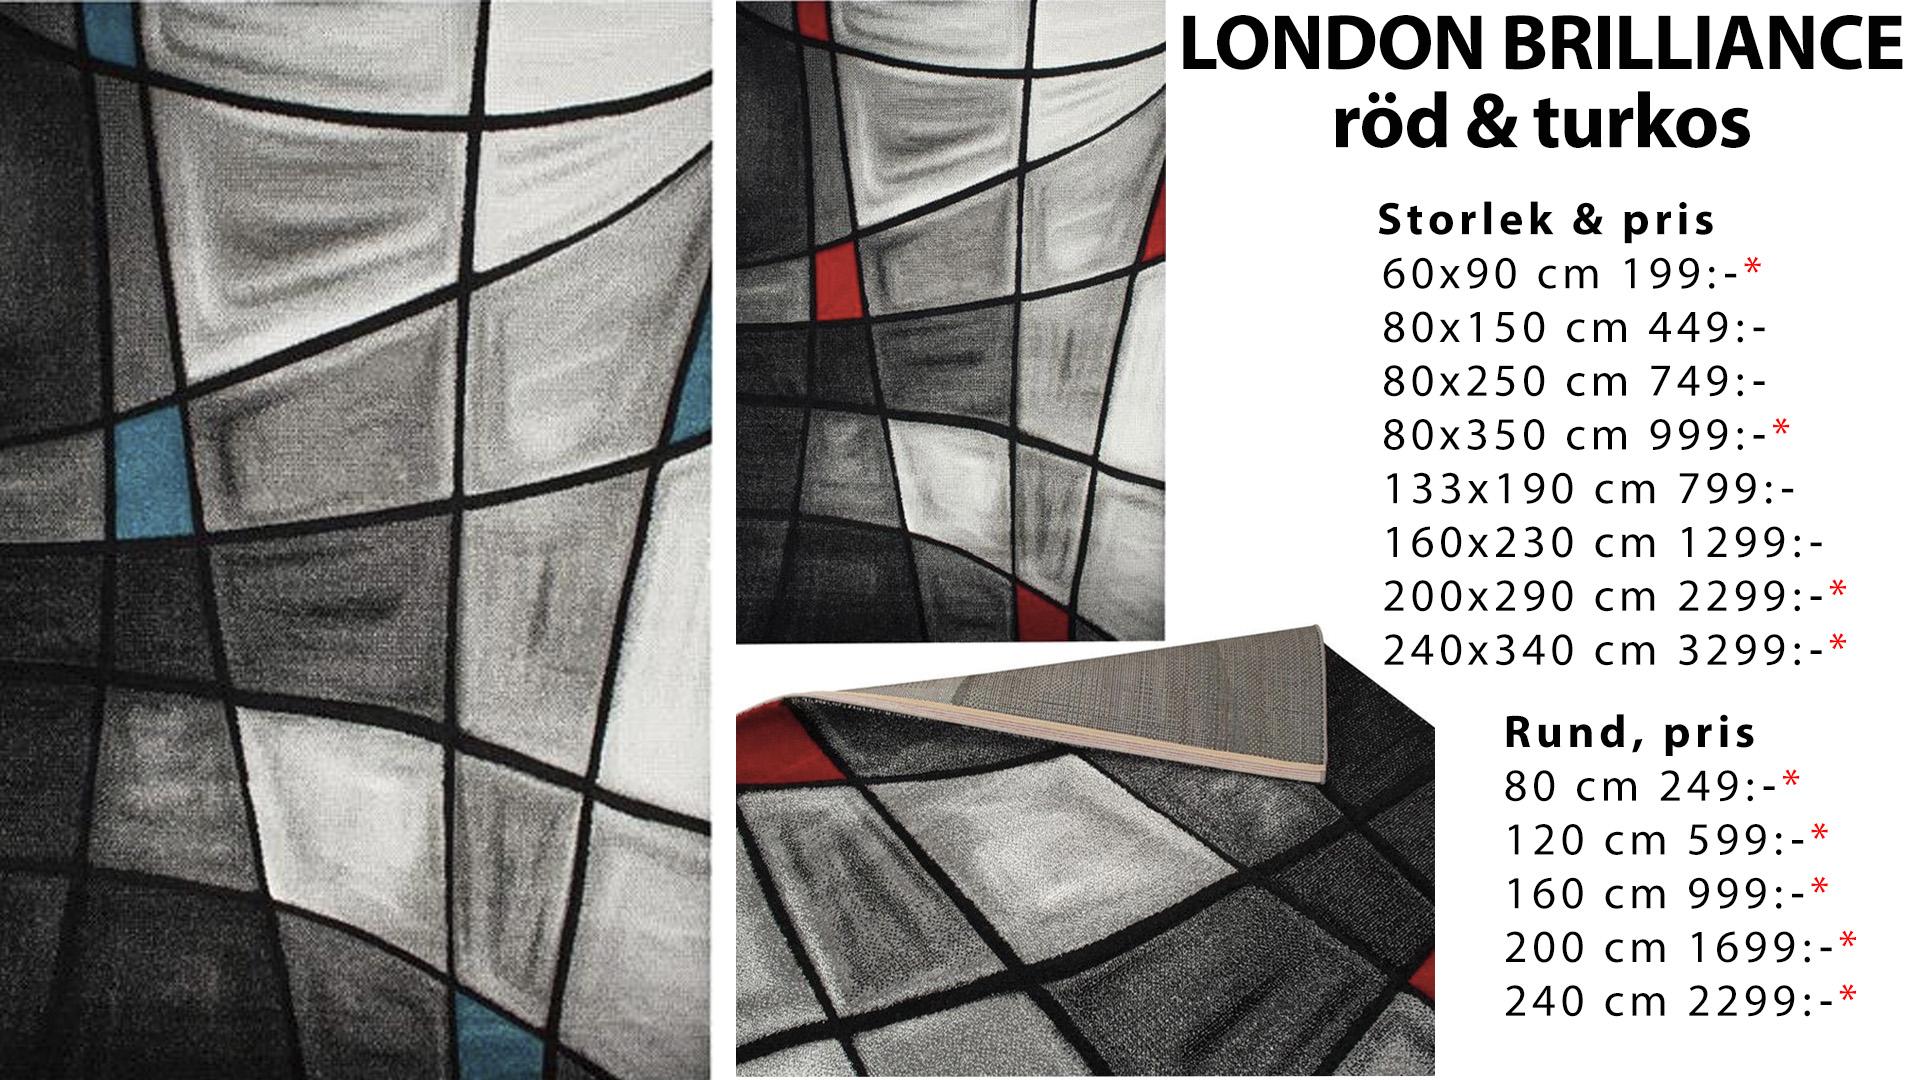 London brilliance röd och turkos matta